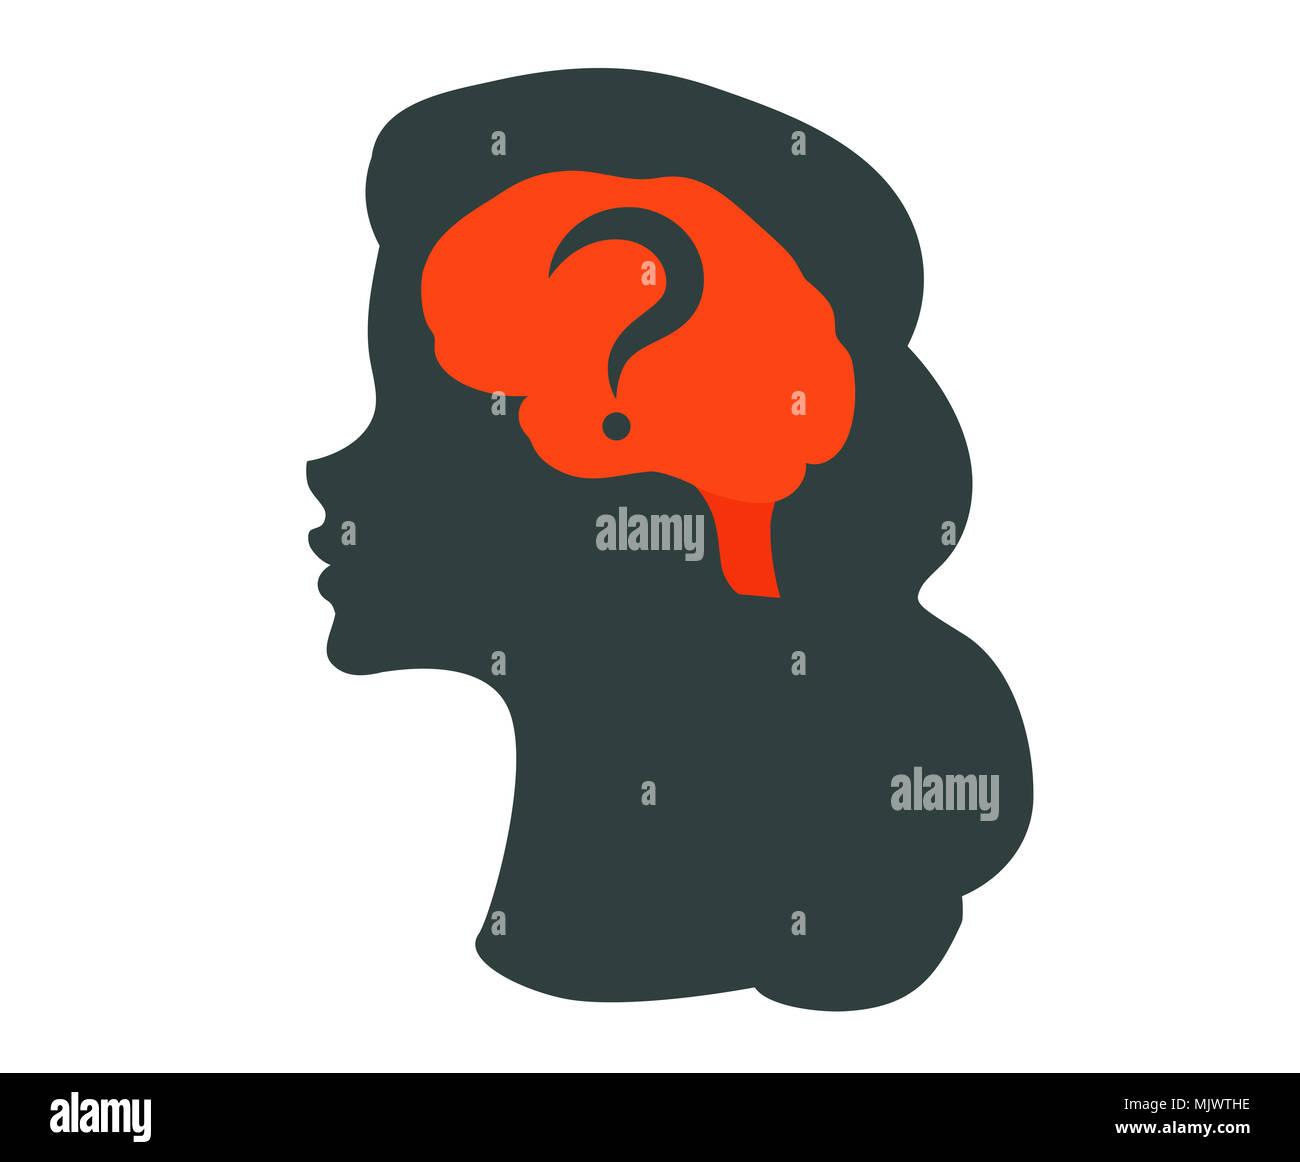 Ilustración del cerebro humano Imagen De Stock